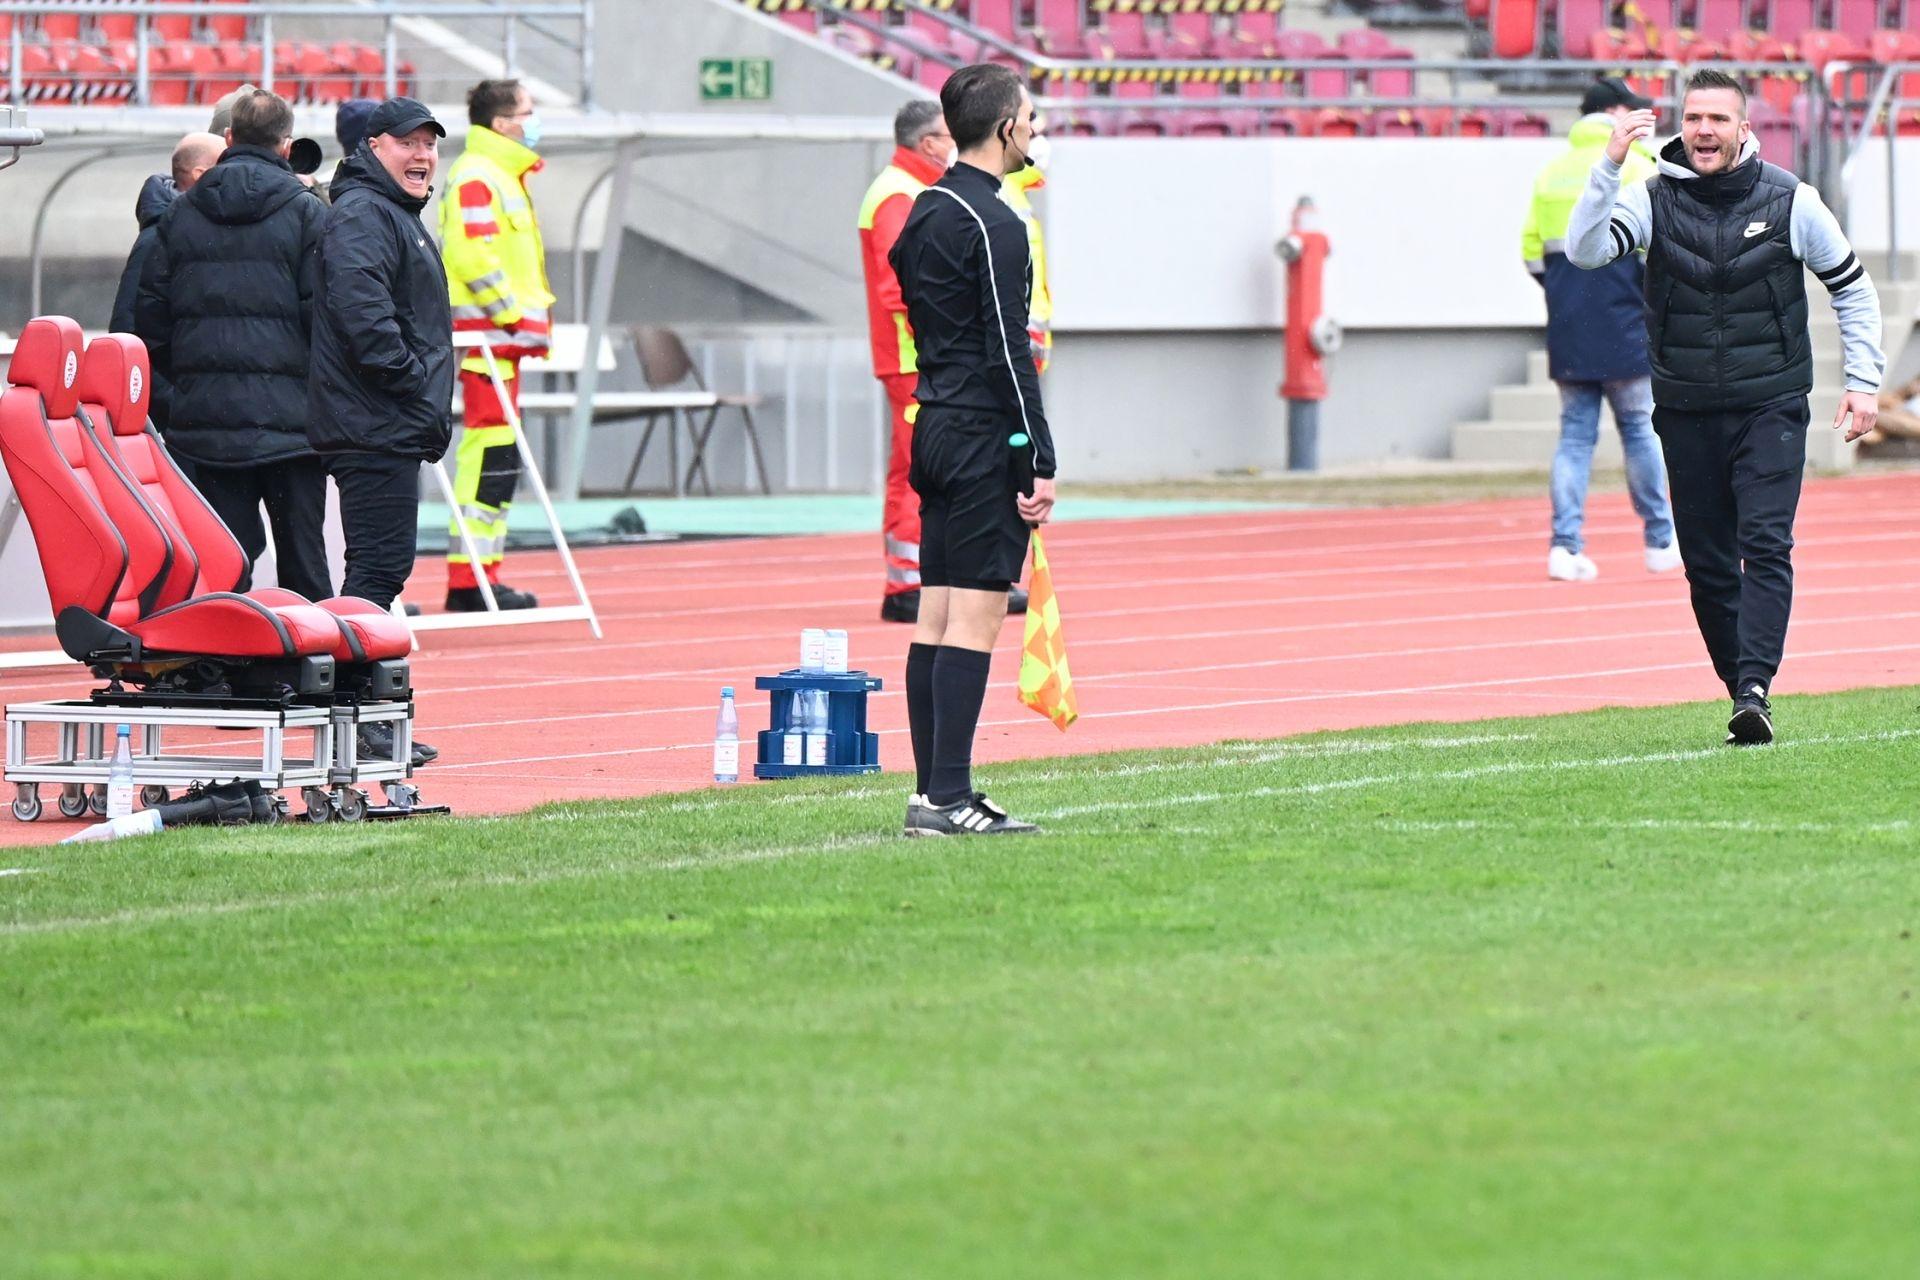 Regionalliga Südwest 2020/21, KSV Hessen Kassel, VfR Aalen, Endstand 1:1, Tobias Damm, Trainerbank, Schiedsrichter